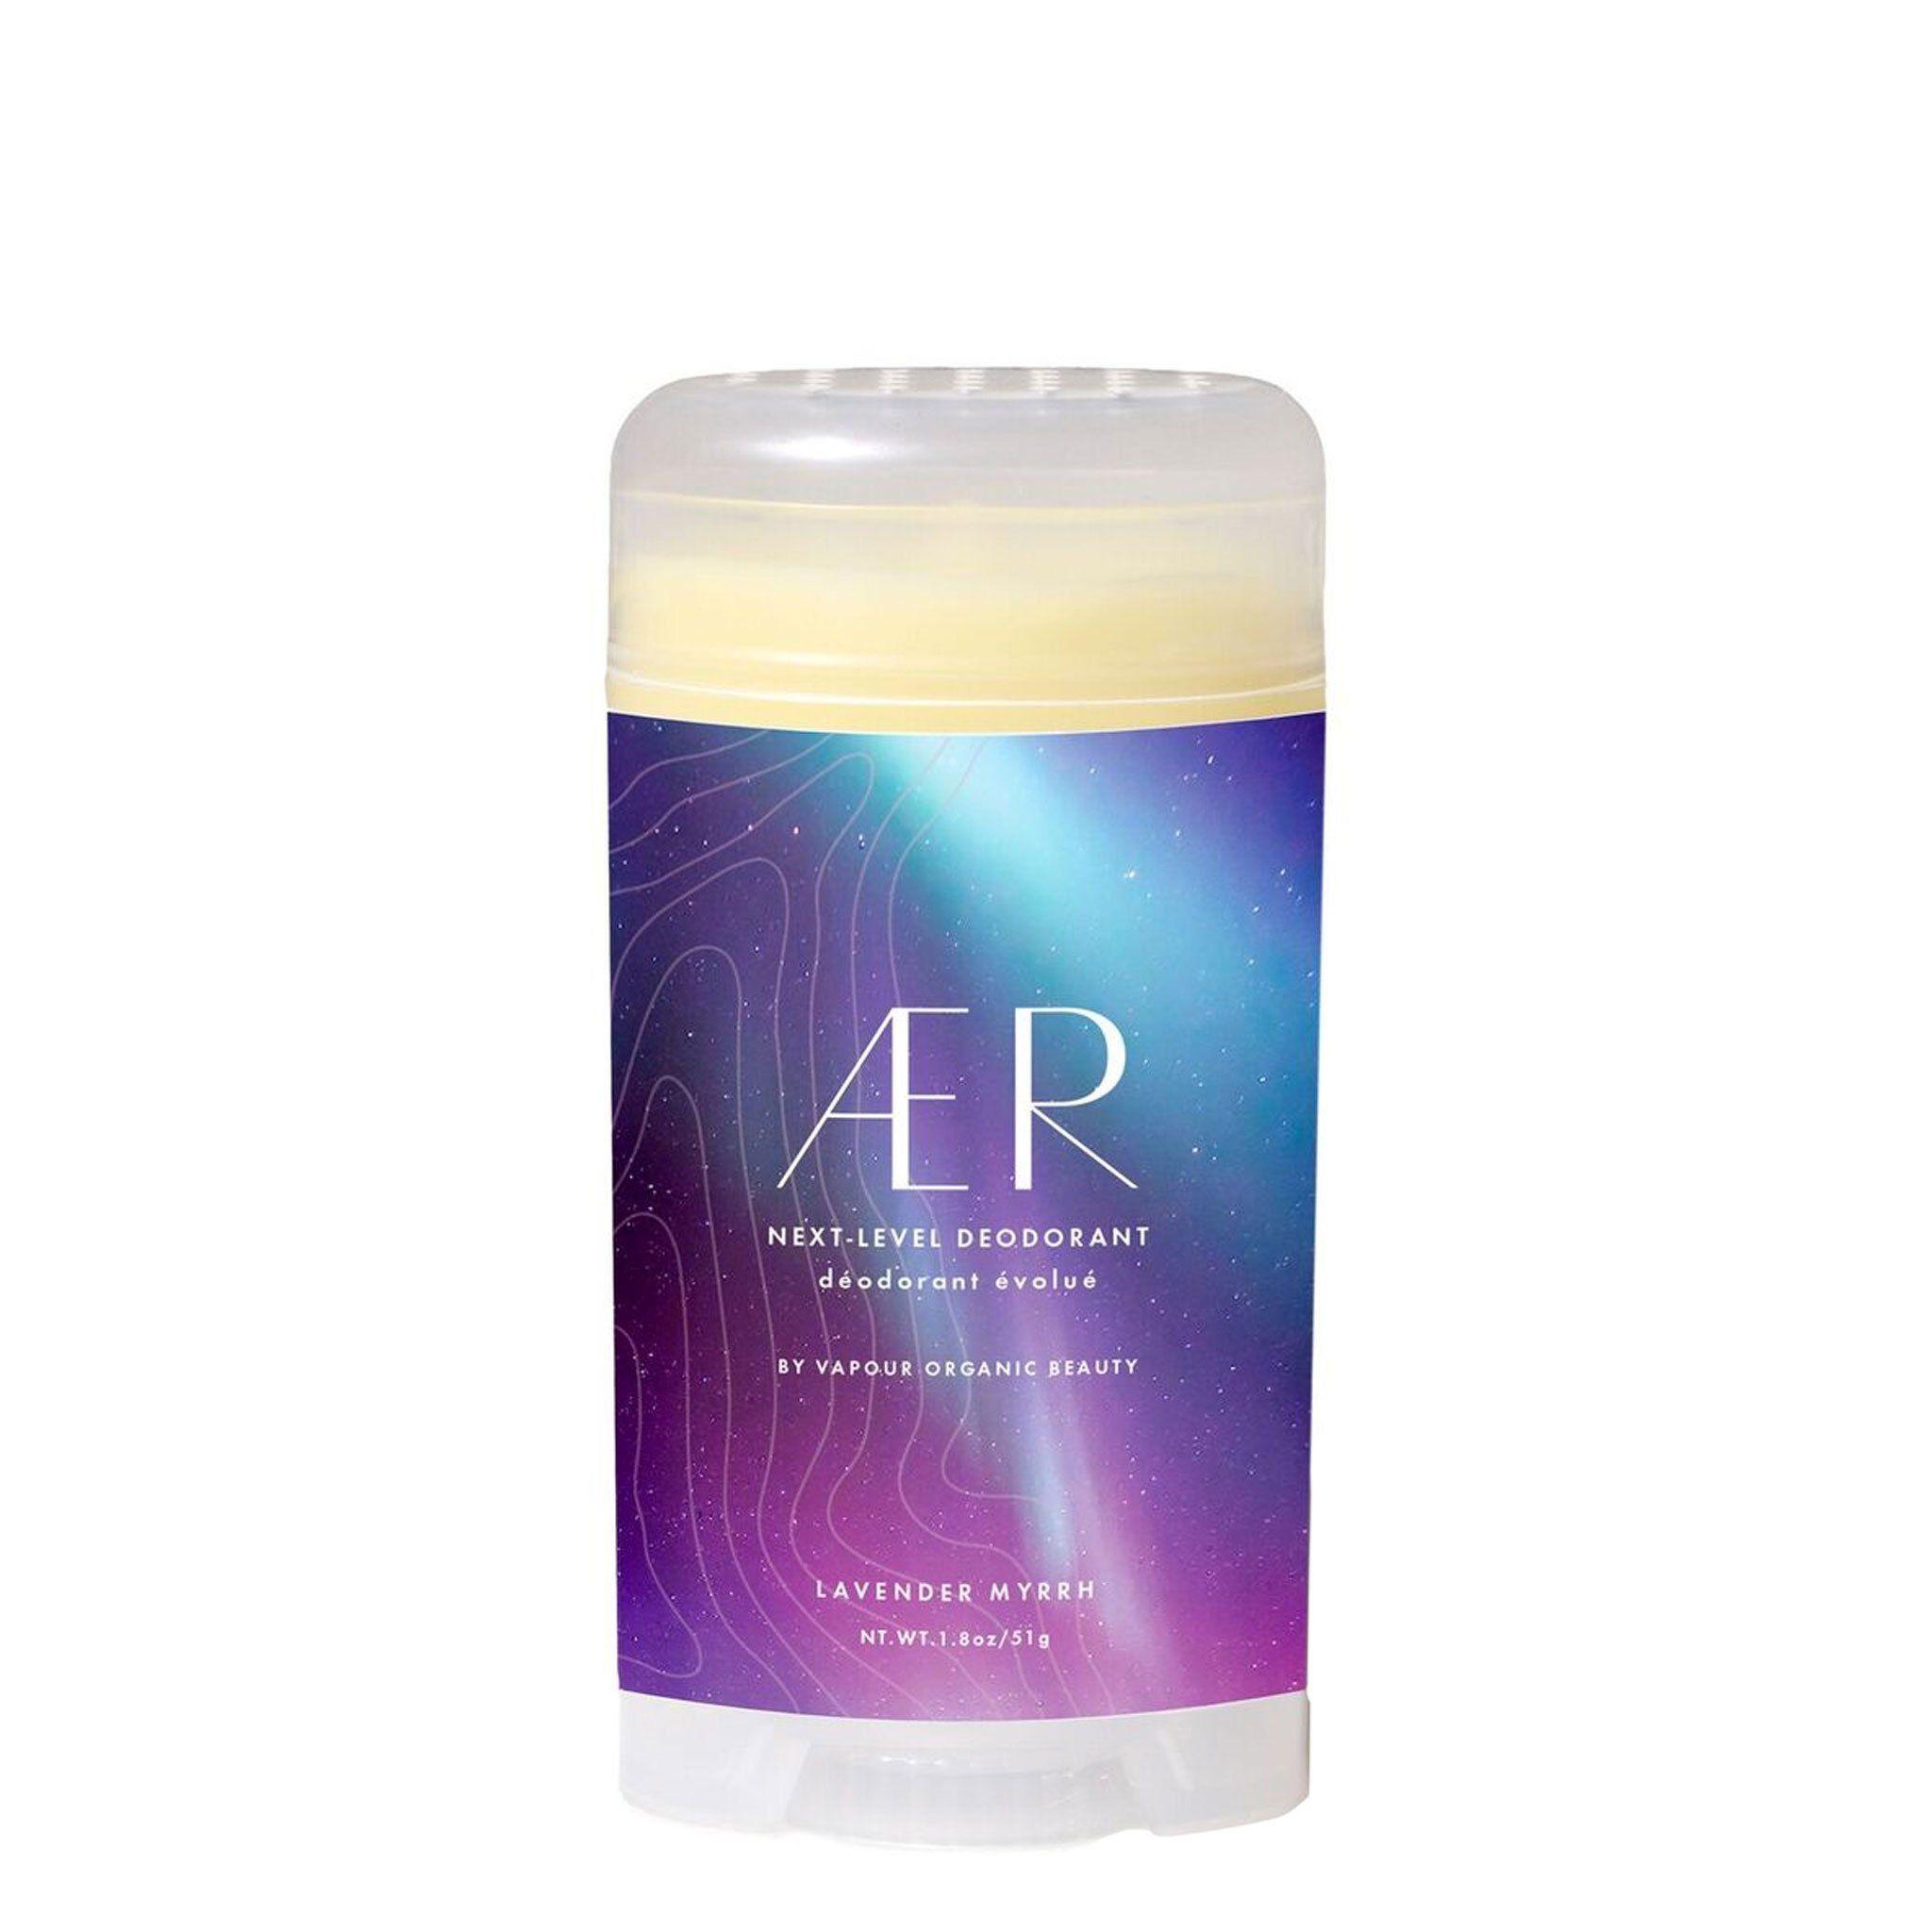 AER Next-Level Deodorant